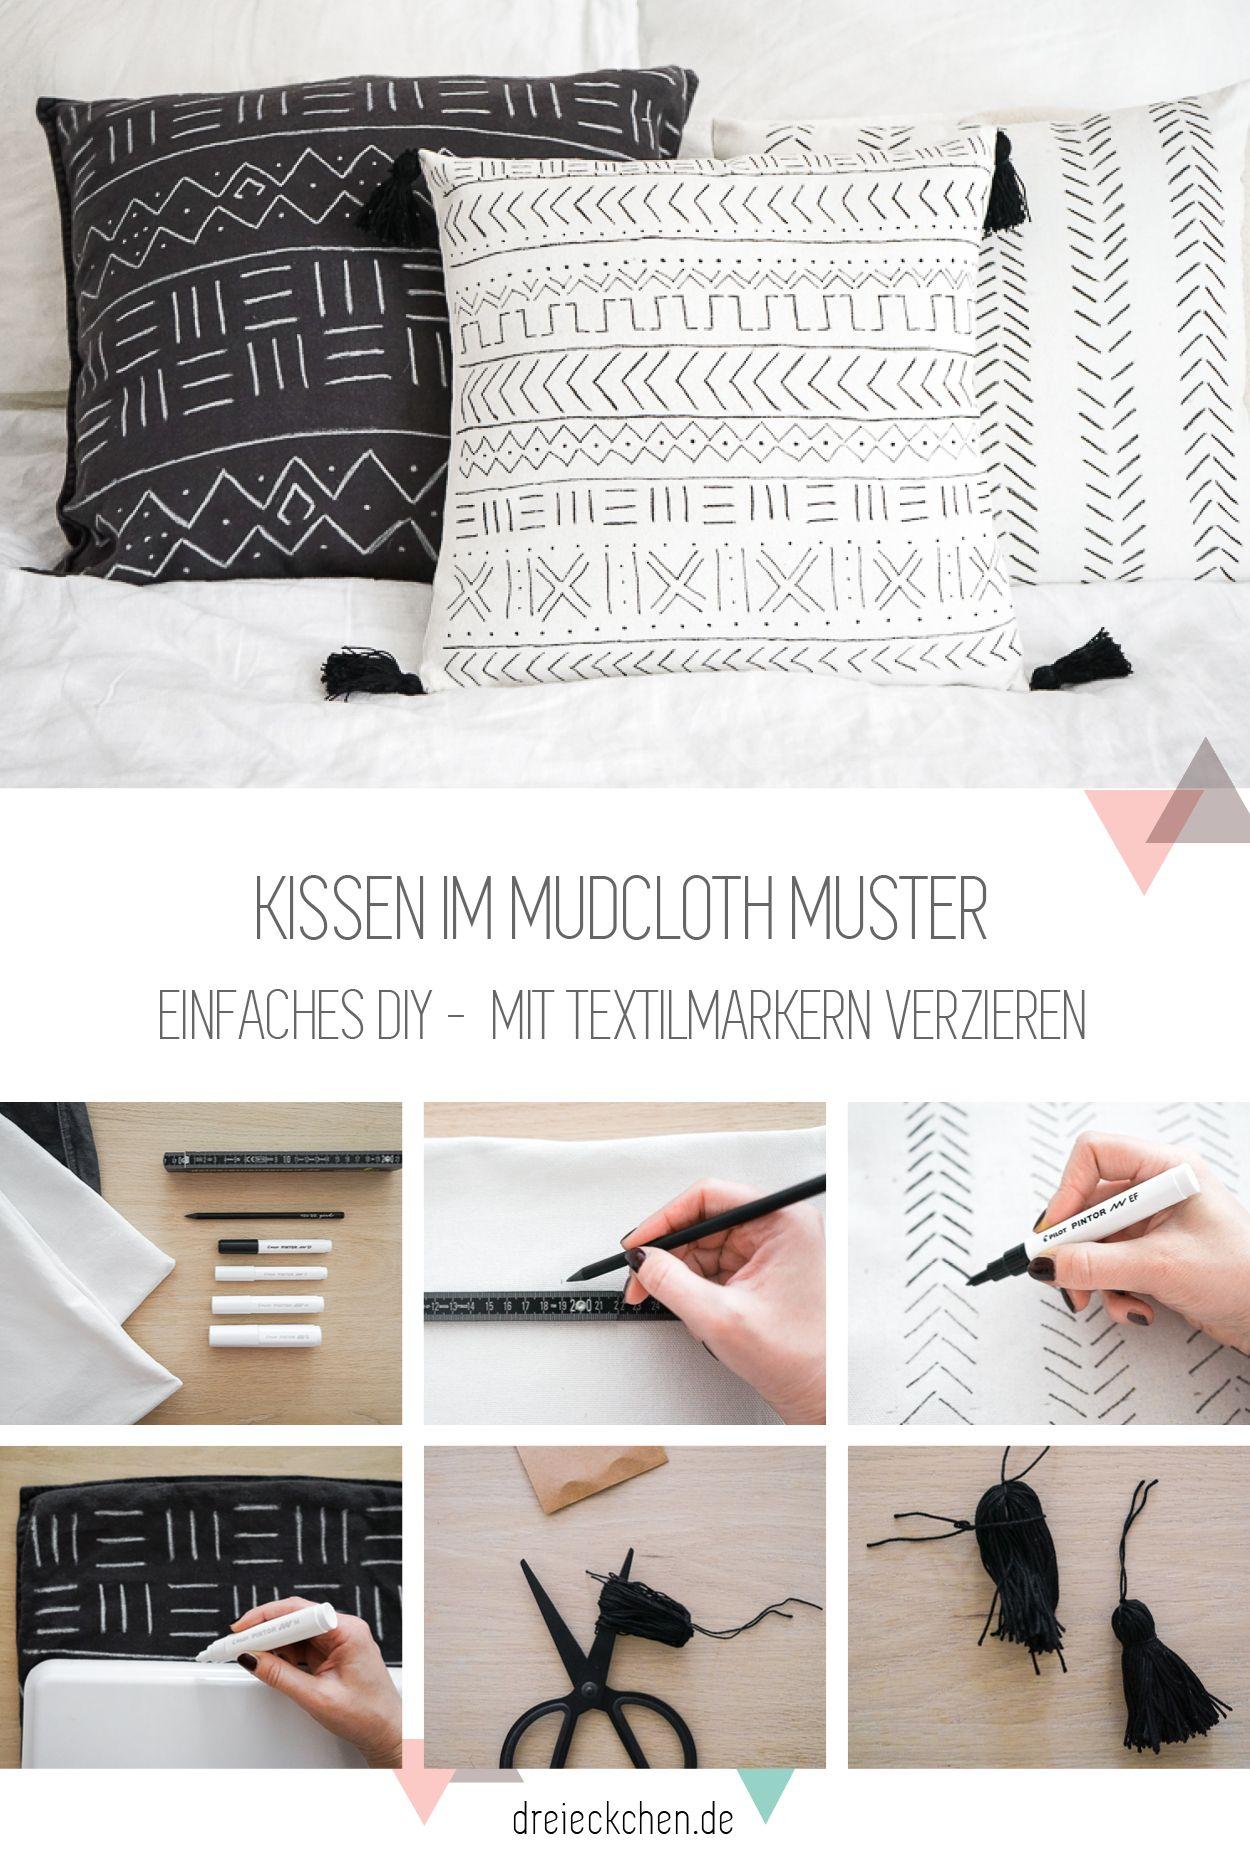 Einfaches Diy Im Moho Stil Kissen Mit Textilmarker Im Mudcloth